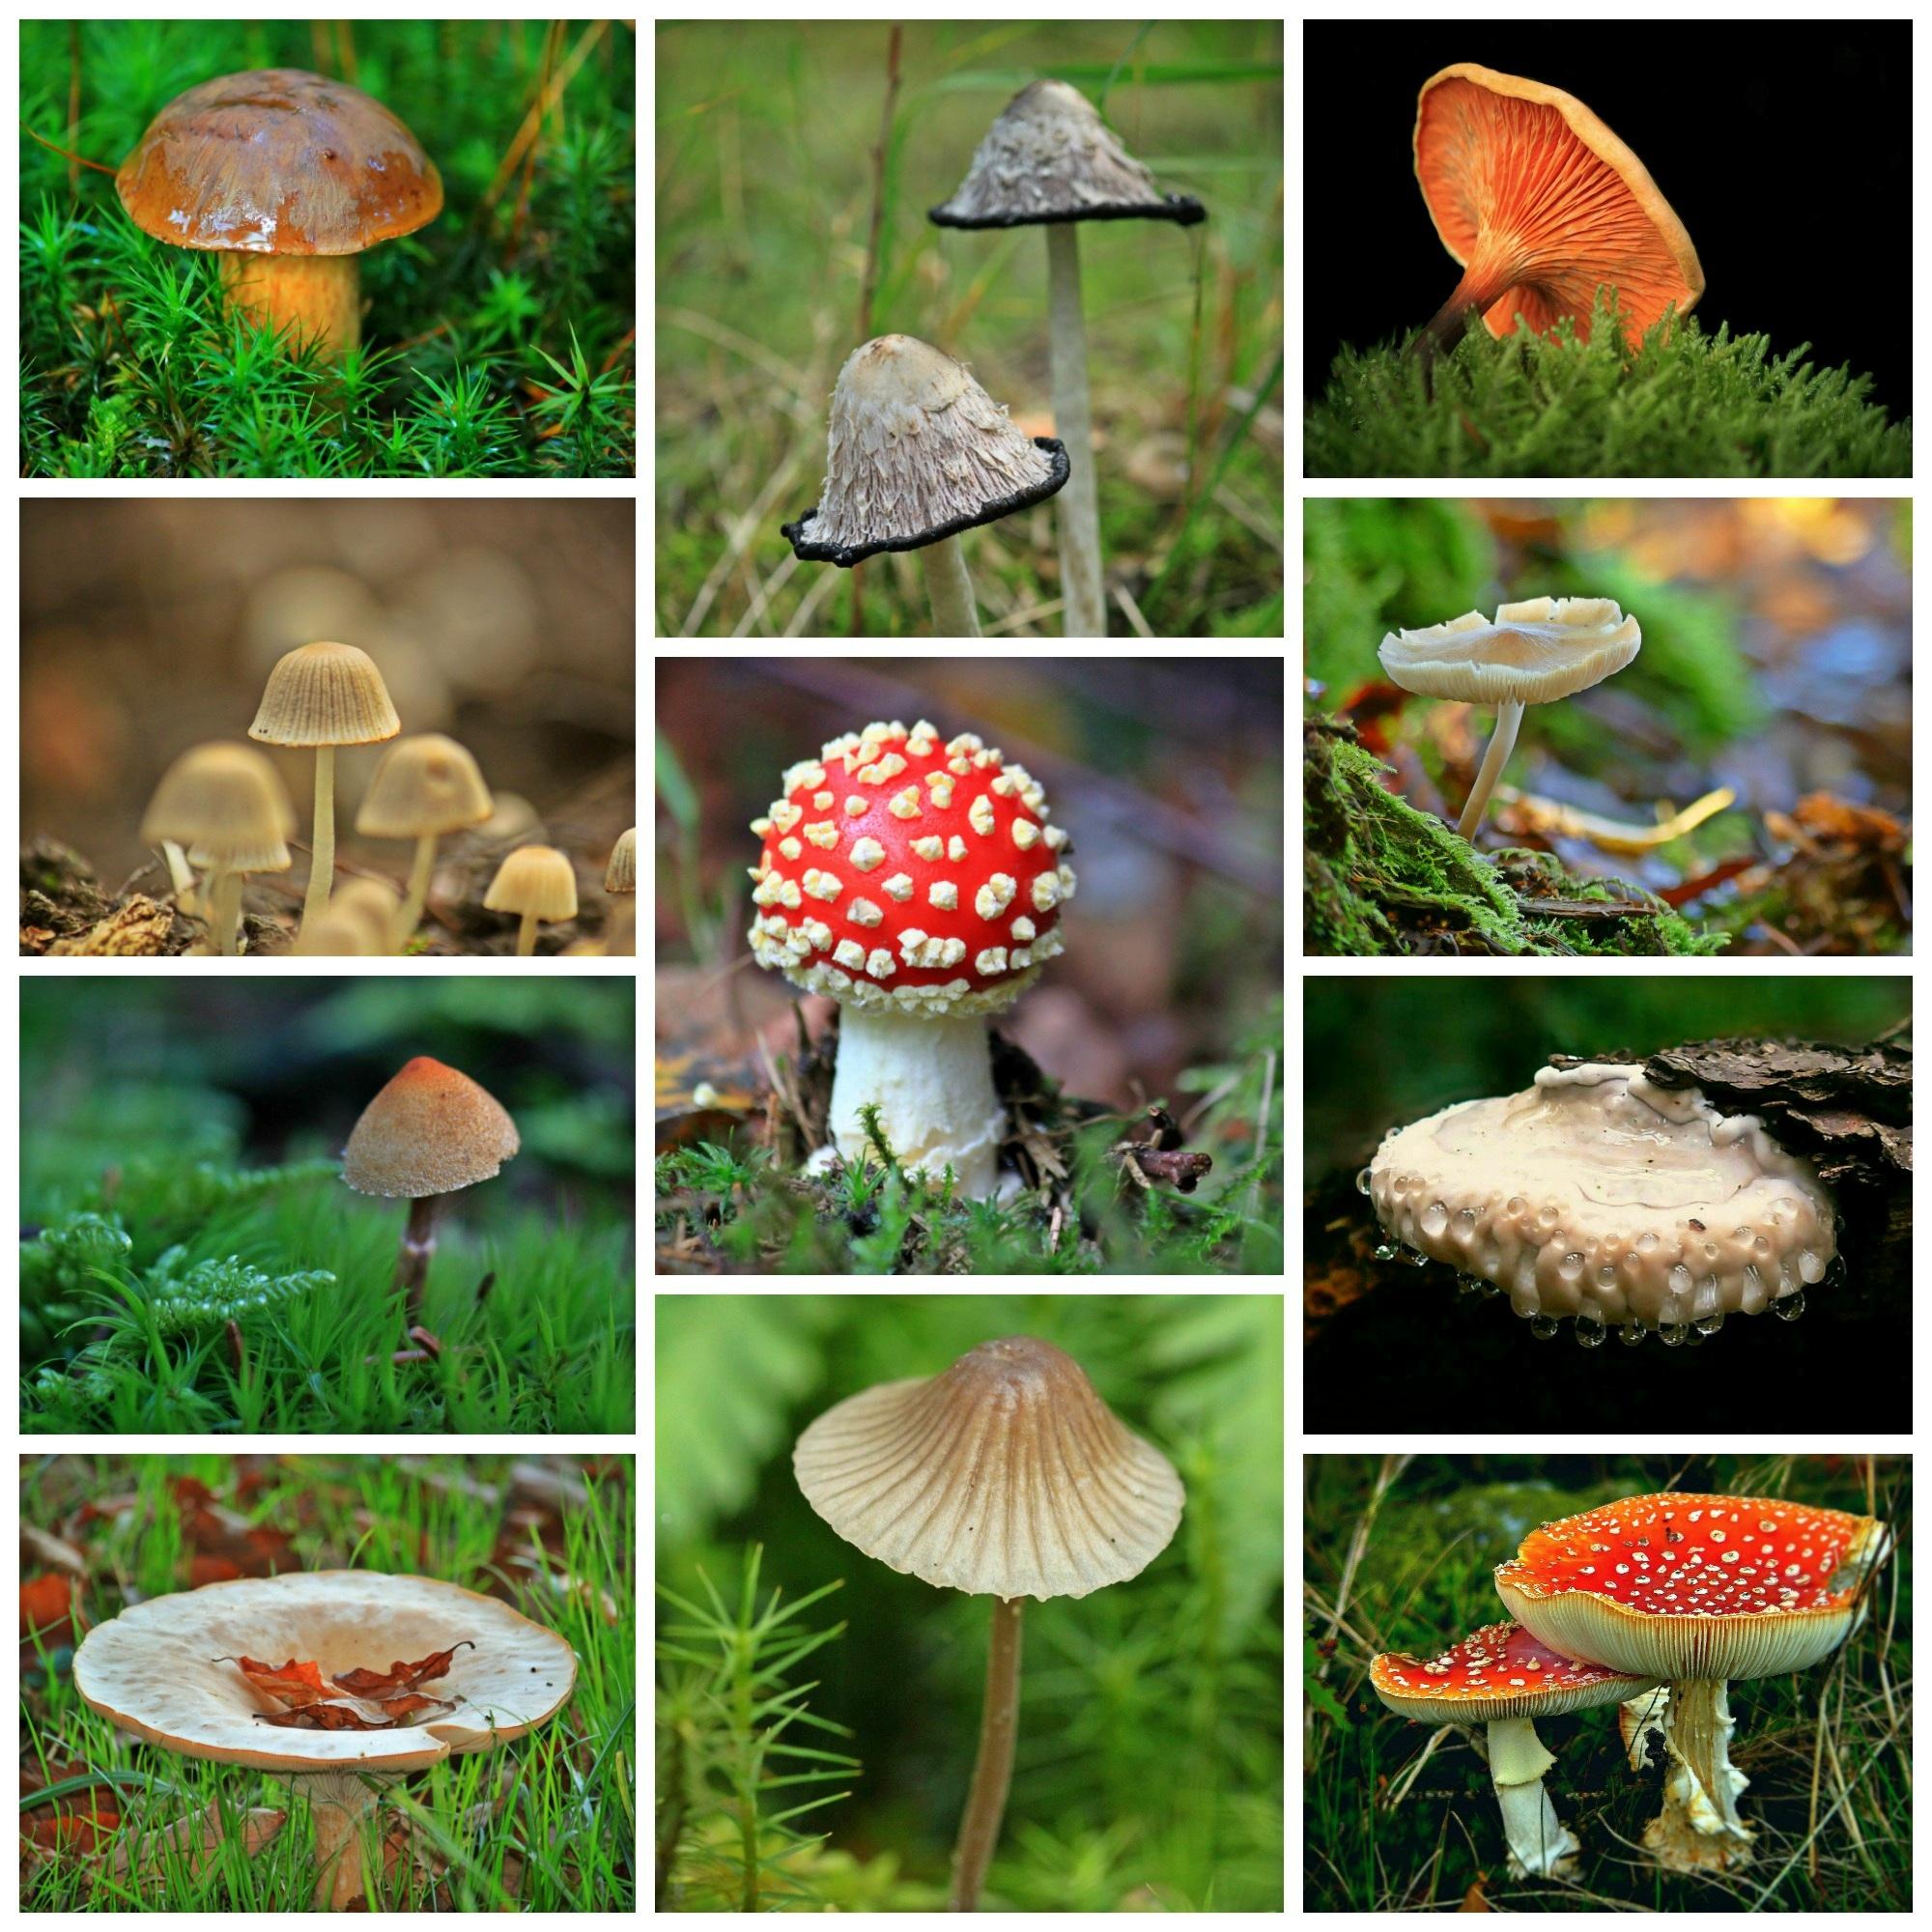 грибы леса картинки и названия свою работу, обязательно